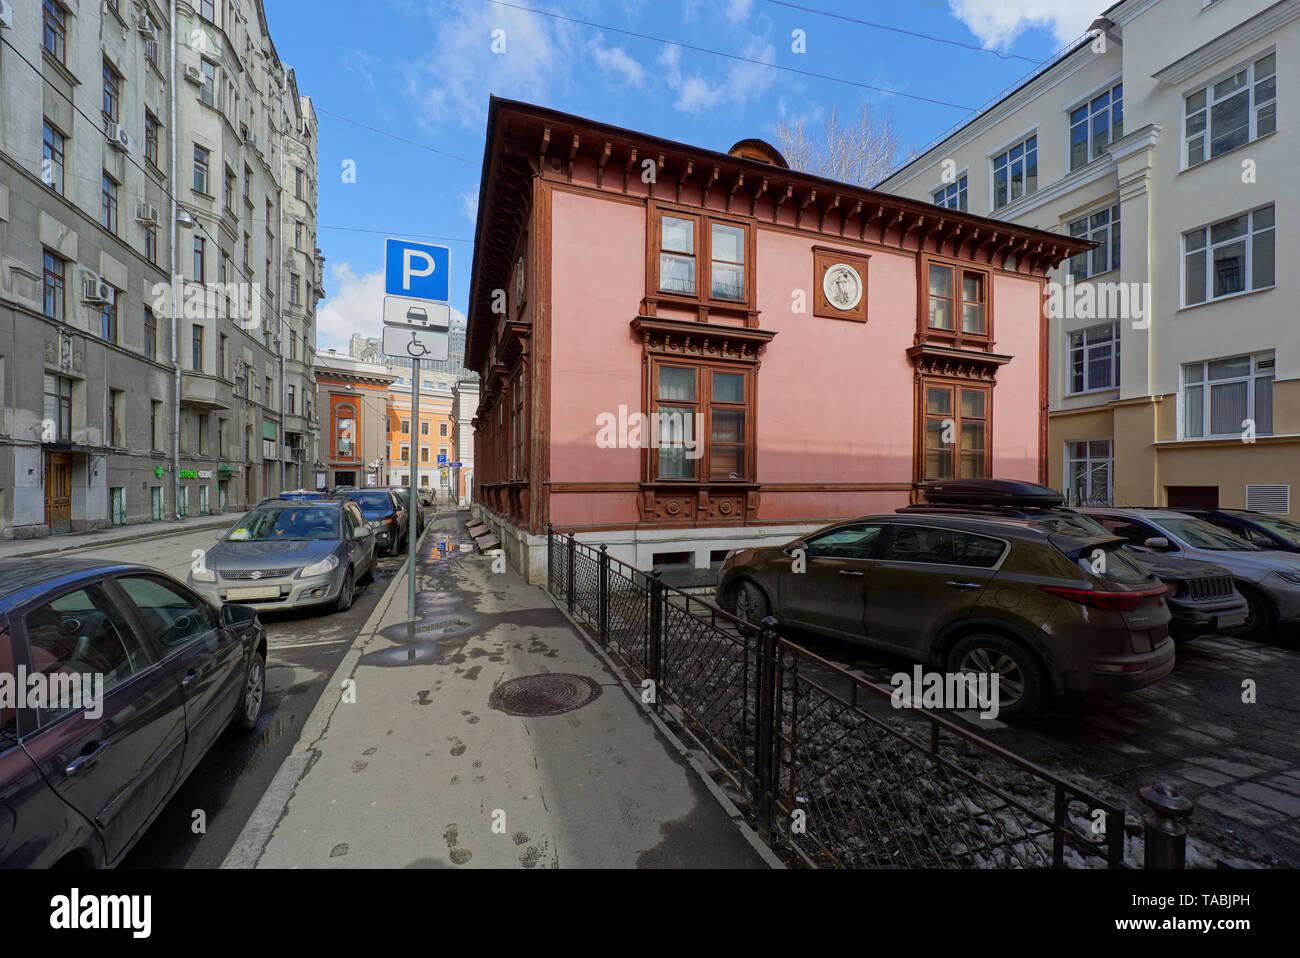 Moscow, Russia - March 23, 2019: Kaloshin pereulok lane Stock Photo